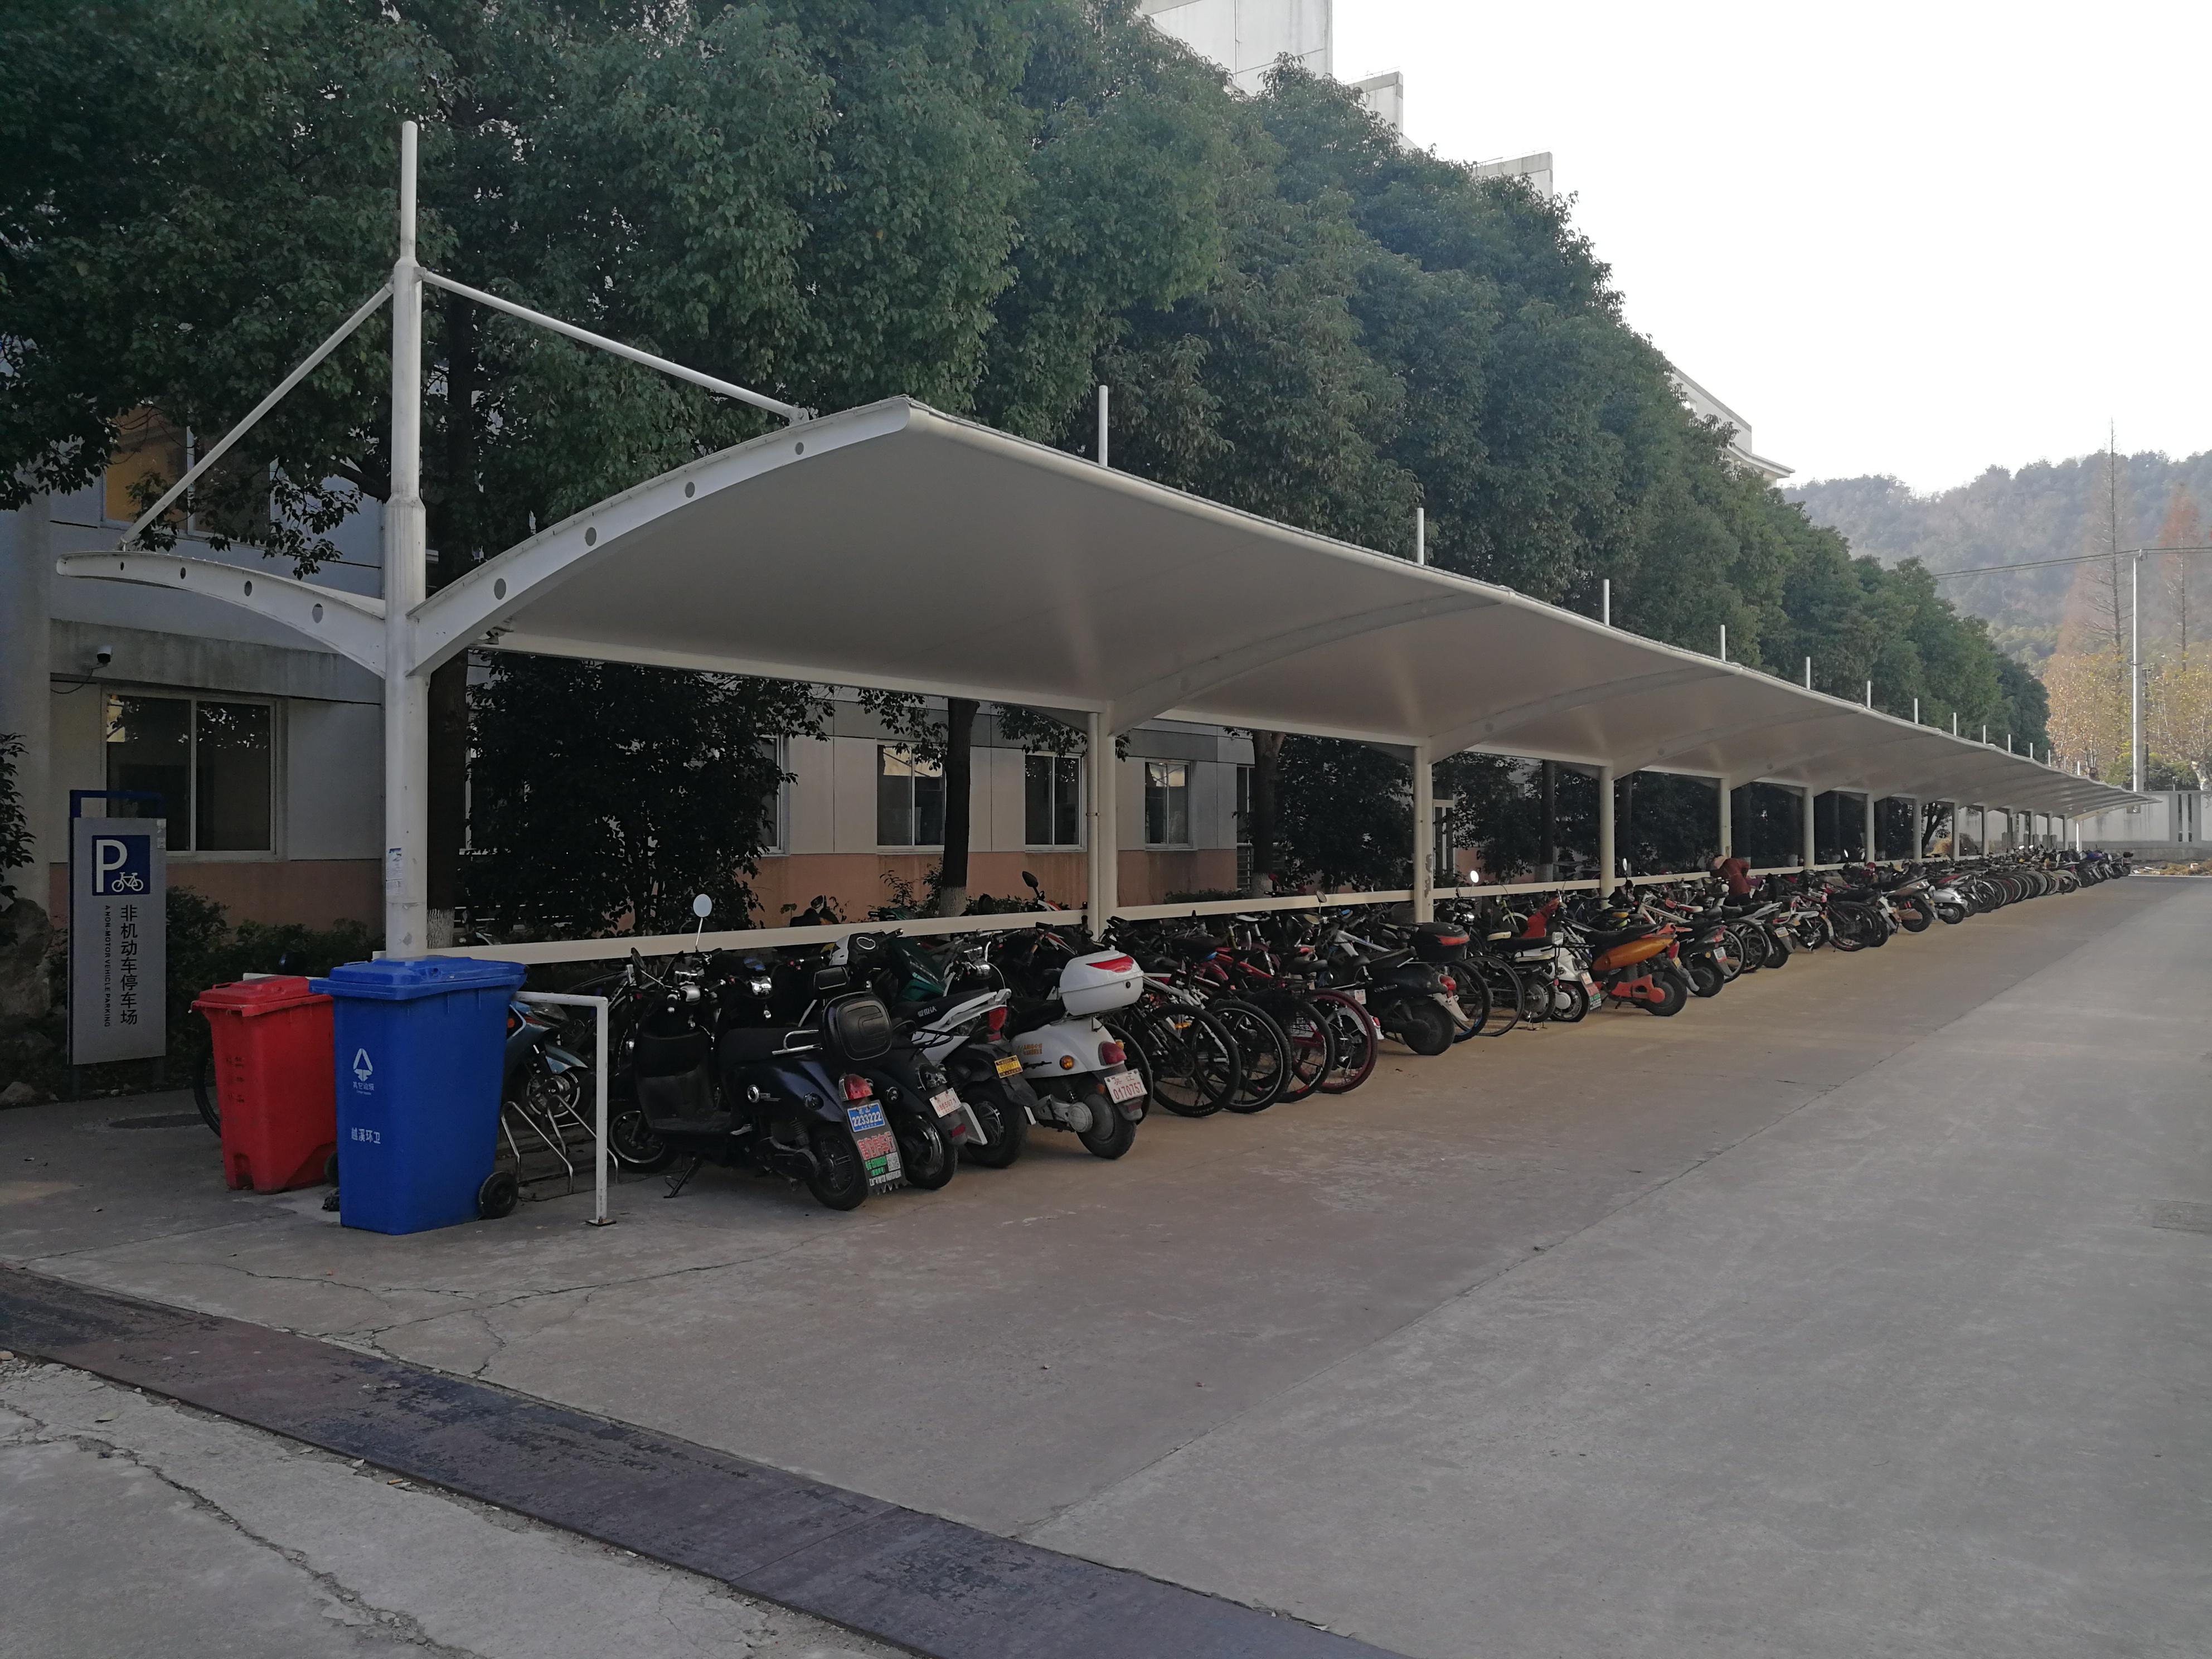 苏州工业学院 自行车棚 自行车停车棚产品演示图3